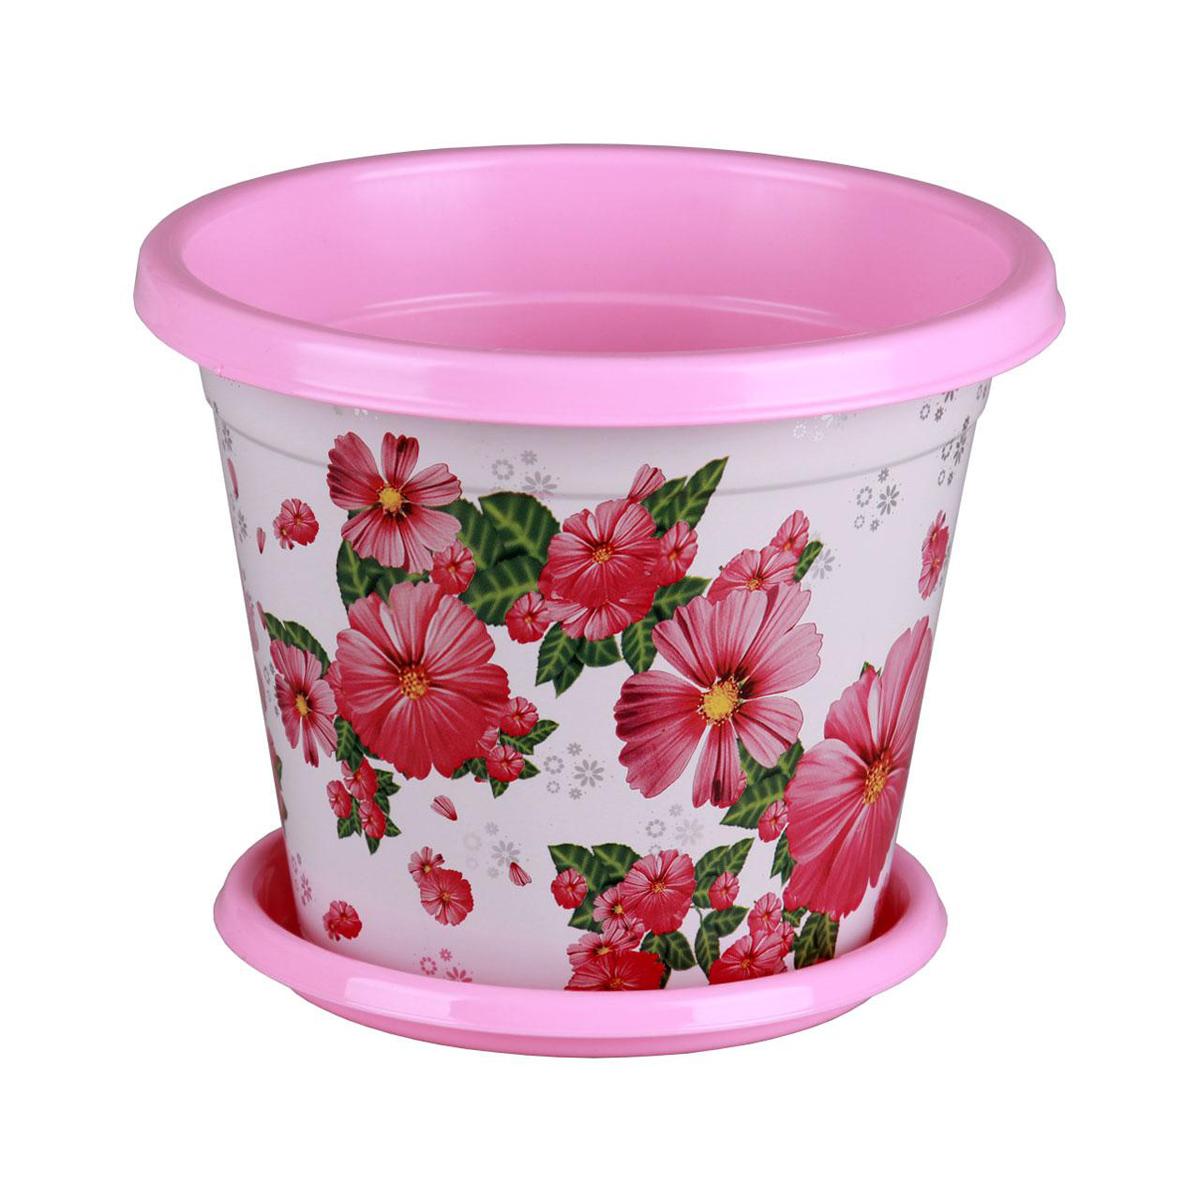 Горшок-кашпо Альтернатива Космея, с поддоном, цвет: розовый, белый, 5,5 лМ4040Горшок-кашпо Альтернатива Космея изготовлен из высококачественного пластика и подходит для выращивания растений и цветов в домашних условиях. Такие изделия часто становятся последним штрихом, который совершенно изменяет интерьер помещения или ландшафтный дизайн сада. Благодаря такому горшку-кашпо вы сможете украсить вашу комнату, офис, сад и другие места. Изделие оснащено специальным поддоном и декорировано ярким изображением цветов. Объем горшка: 5,5 л. Диаметр горшка (по верхнему краю): 25 см. Высота горшка: 21 см. Диаметр поддона: 19 см.